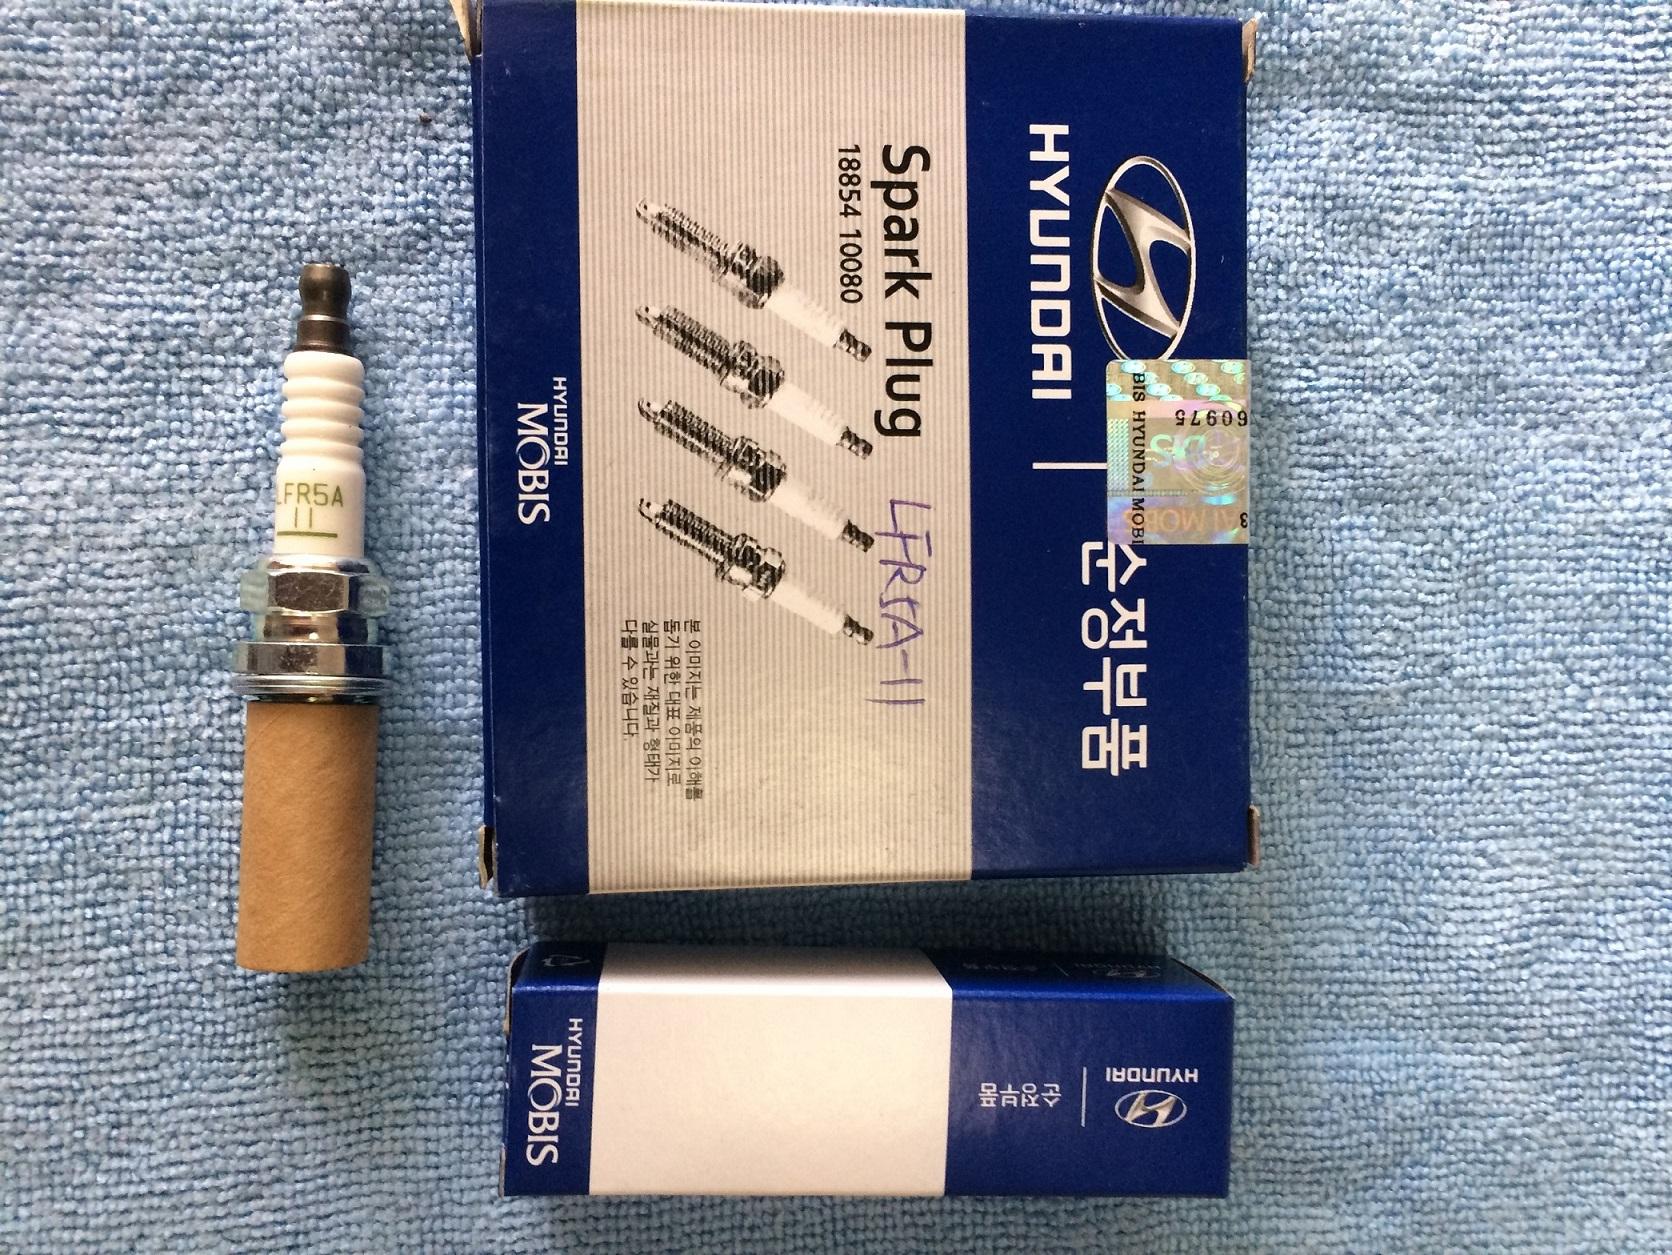 Nissan Spark Plugs LFR5A11 22401-8h515 LFR5A-11